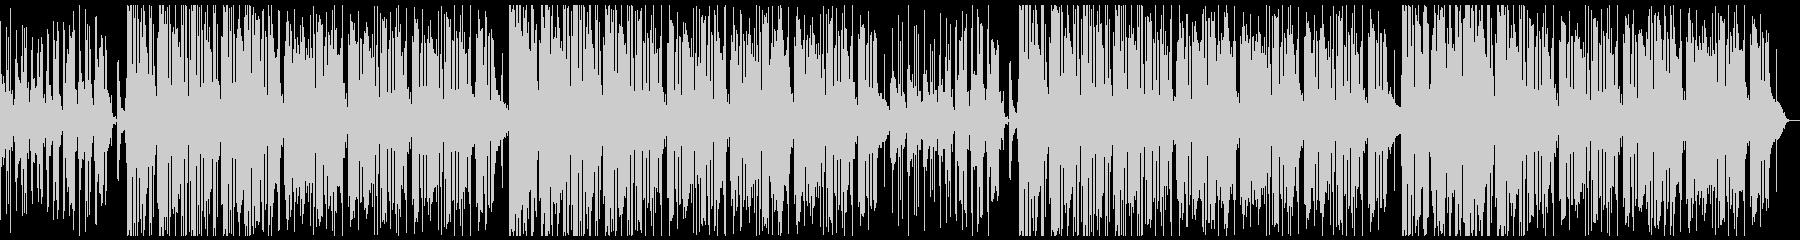 おしゃれjazzチルビートピアノアコギの未再生の波形